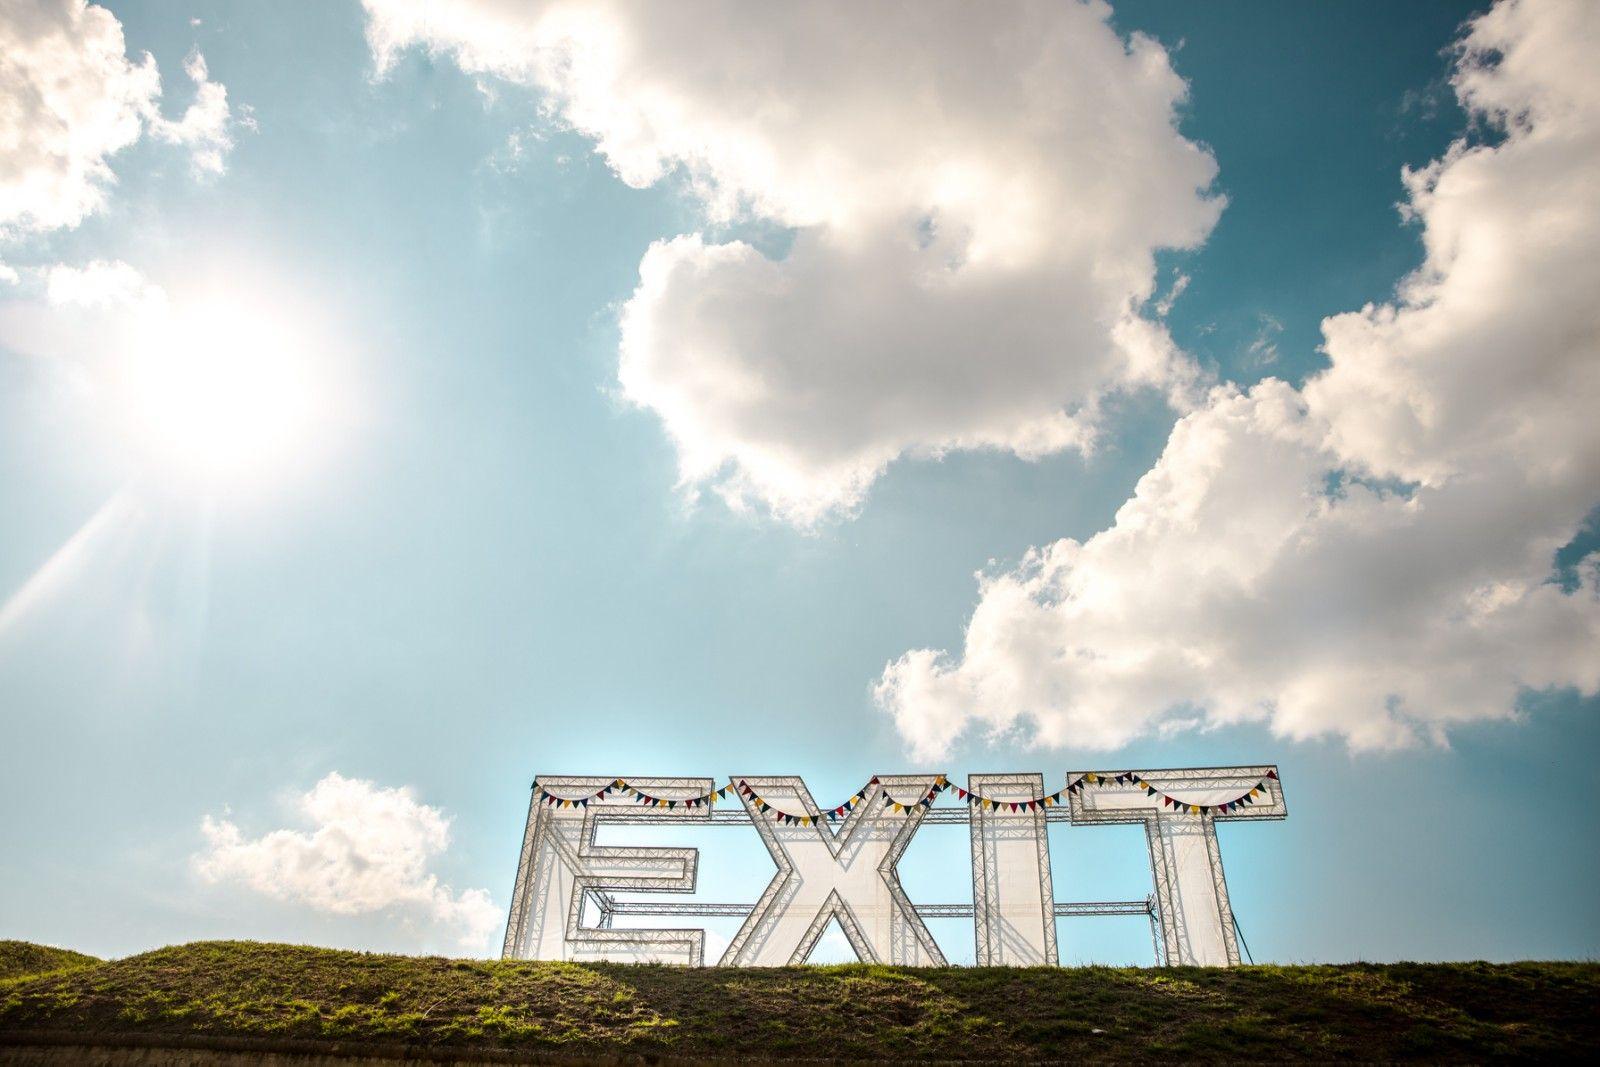 Za deset týdnů se uskuteční EXIT festival